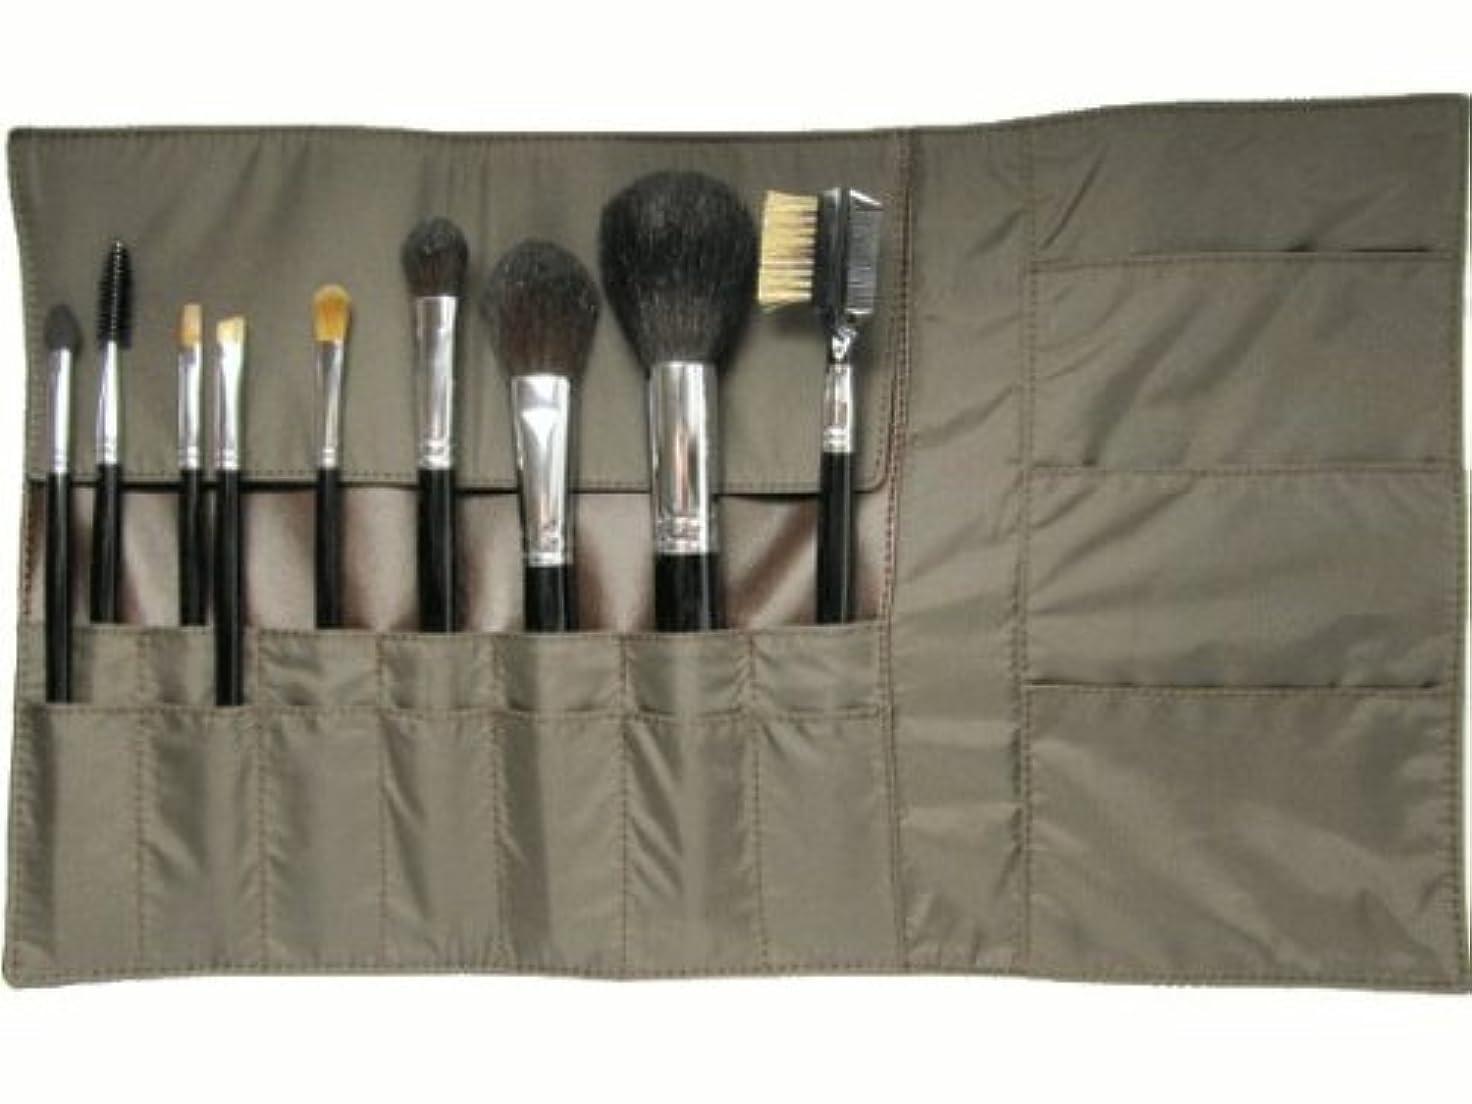 区スクラップ選択メイクブラシ9点セット & 携帯用化粧ポーチ 熊野筆 宮尾産業化粧筆 メイクブラシ MB101シリーズ